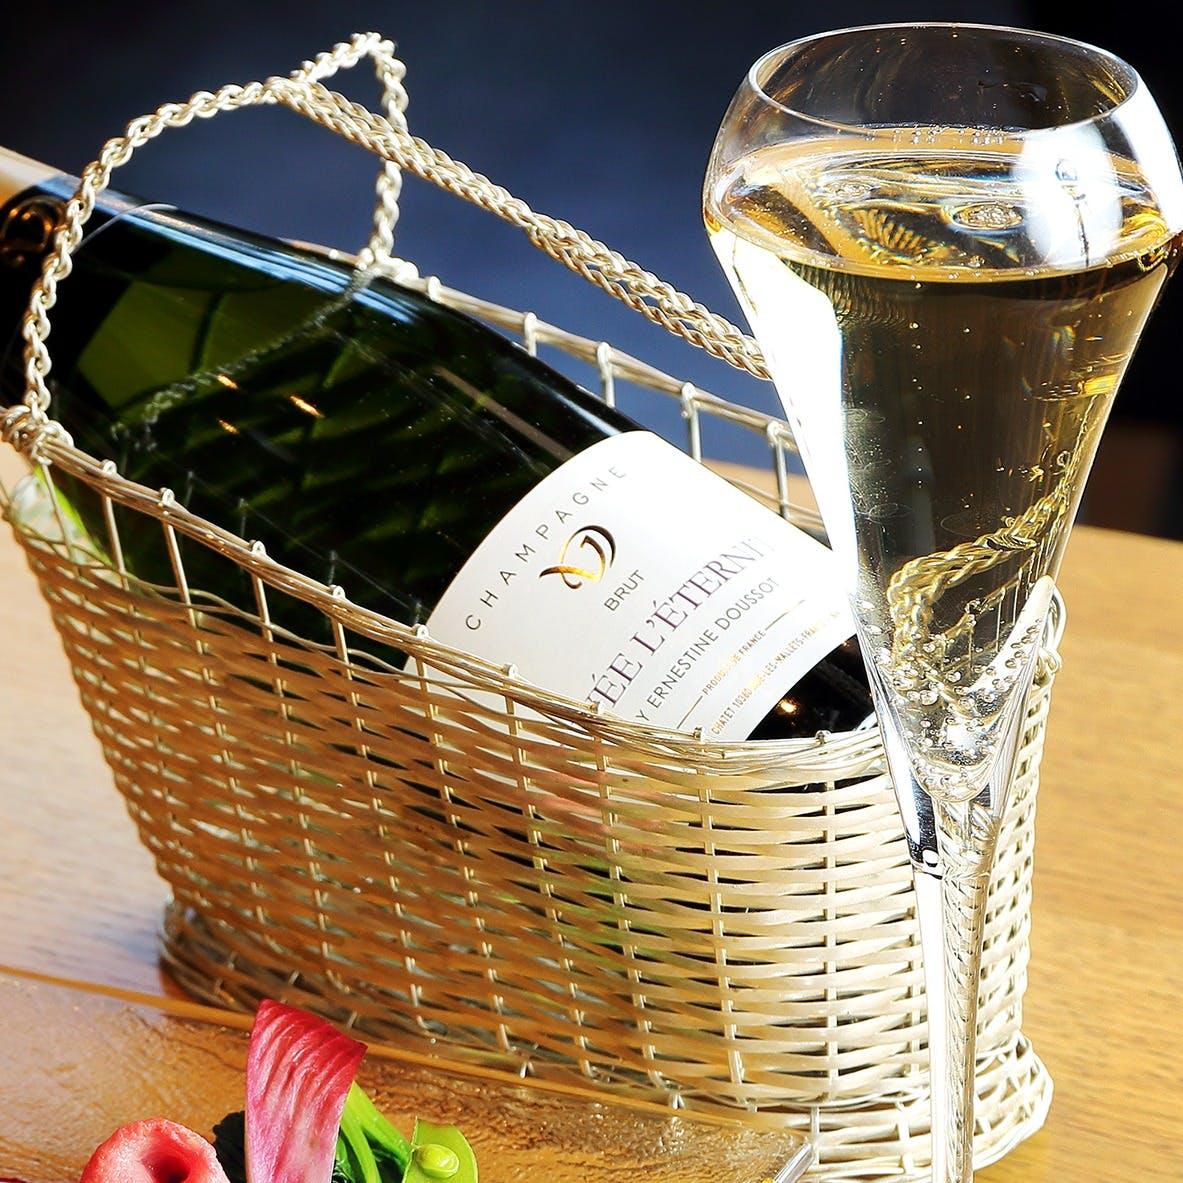 専属ソムリエがお客様の好みに合わせたワインをお選びいたします